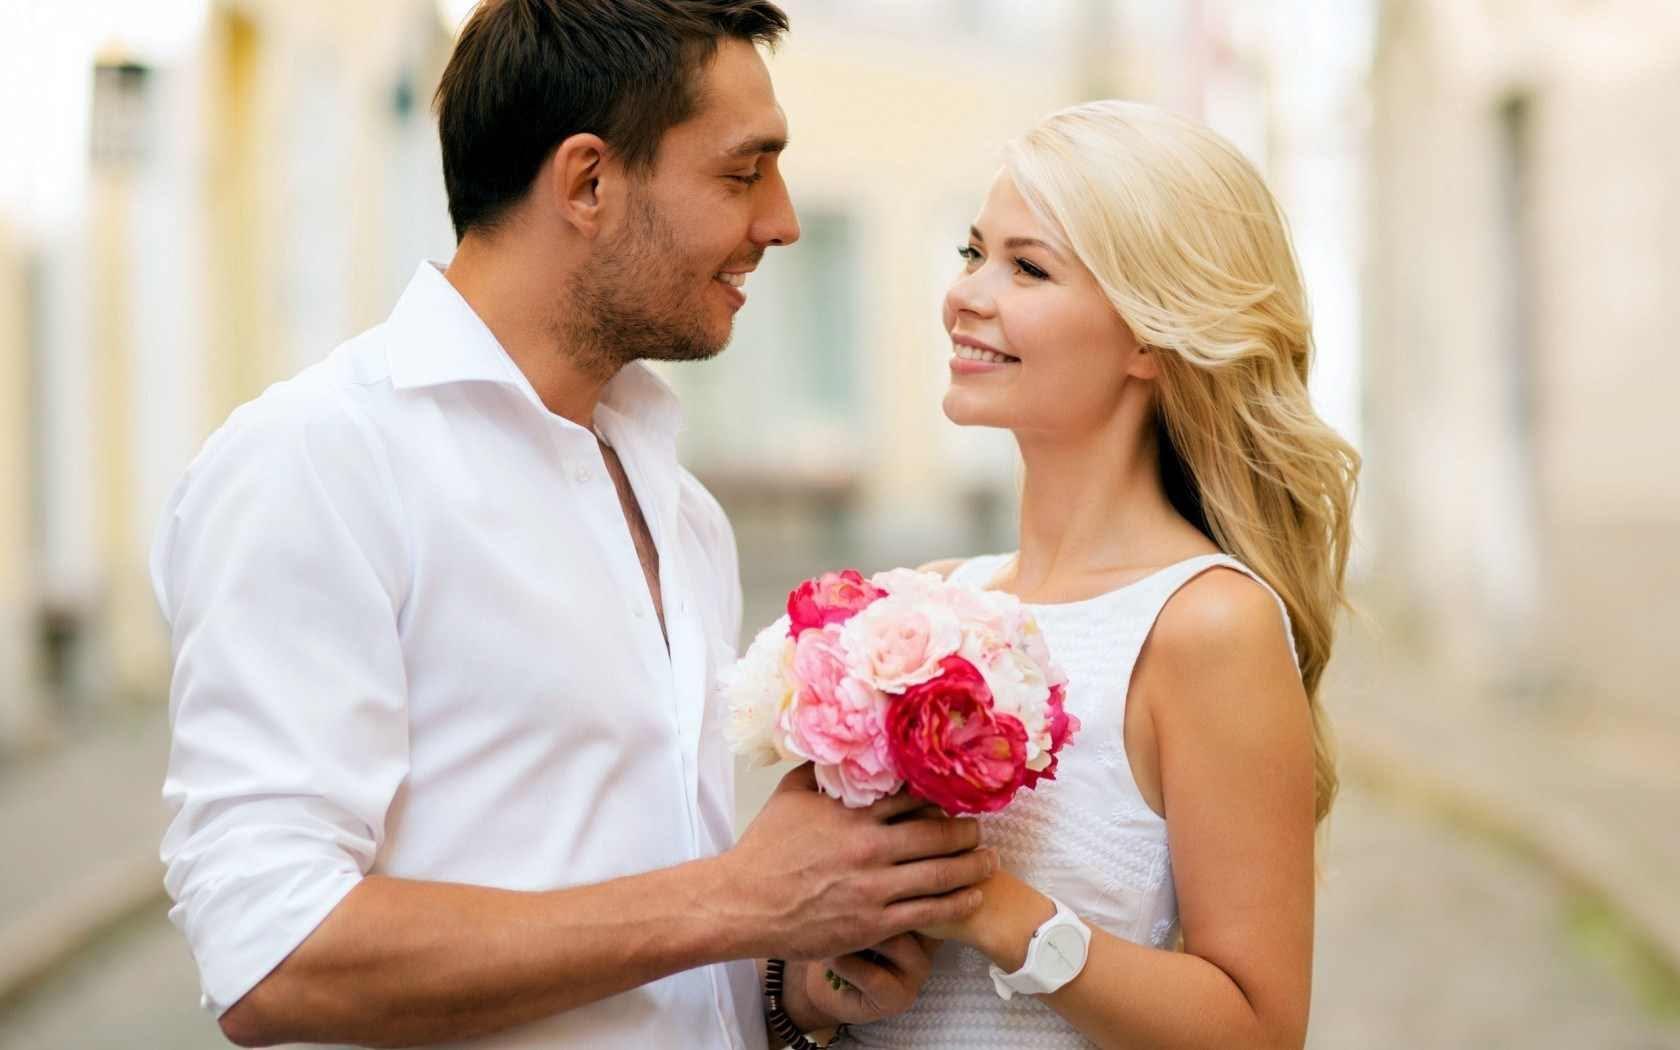 صورة ماذا تحب المراة في جسم الرجل , اكتشف ما تحبه المراه في جسم الرجل